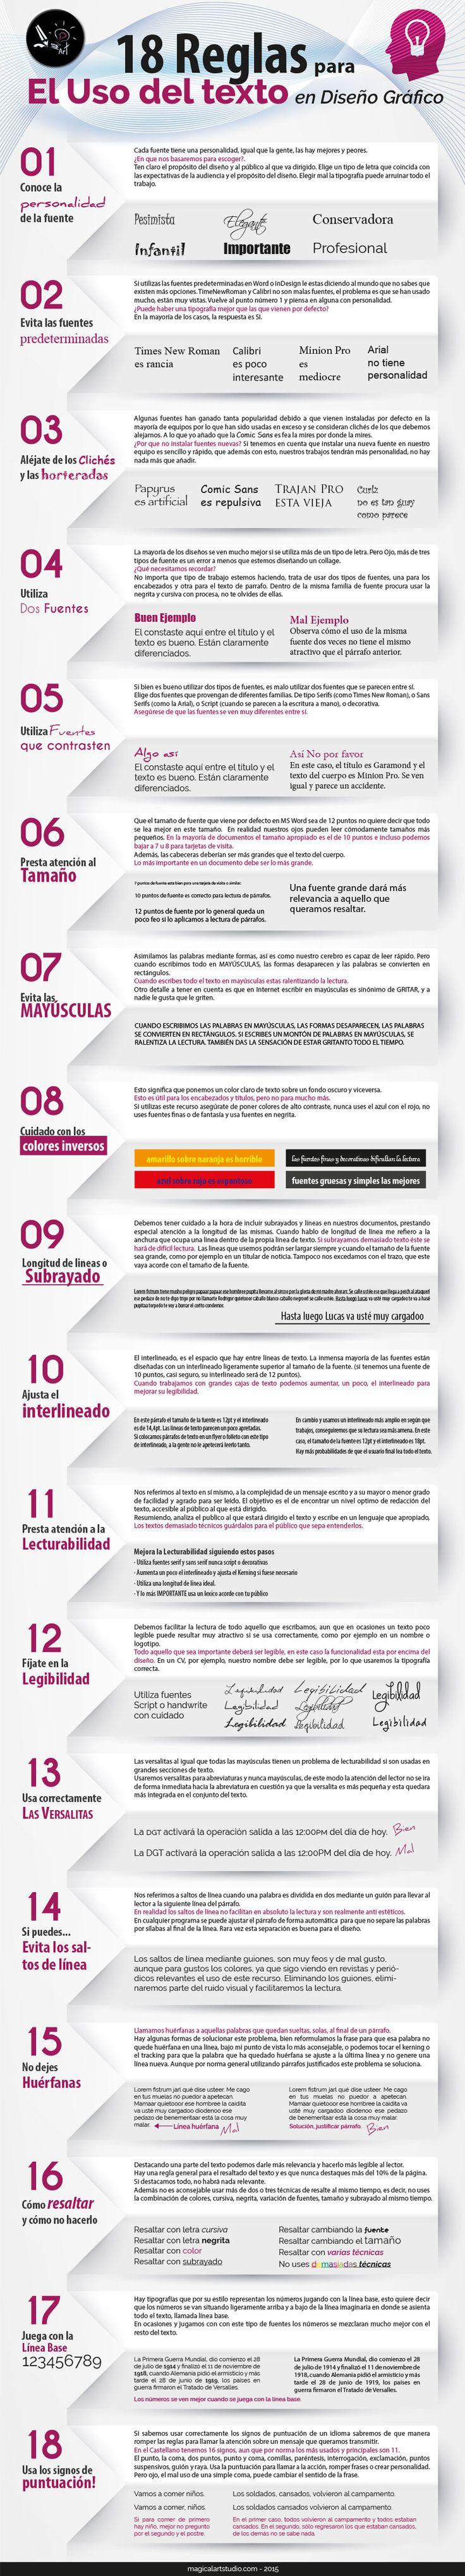 Hola: Una infografía con 18 reglas para el uso de Texto en Diseño Gráfico. Vía Un saludo